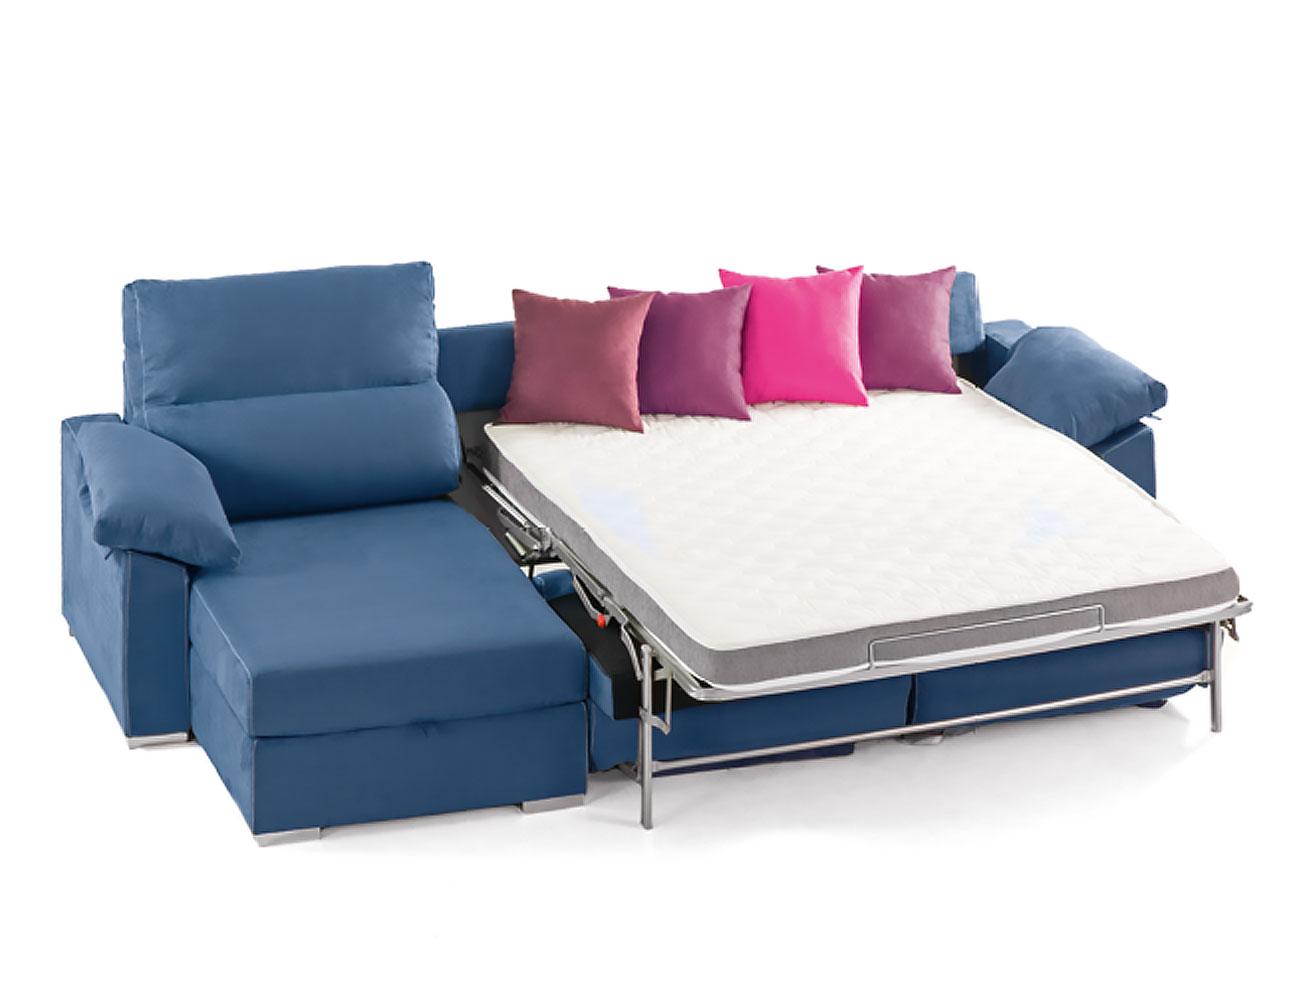 Sof cama con chaiselongue y sistema de apertura italiano for Tu factory del mueble